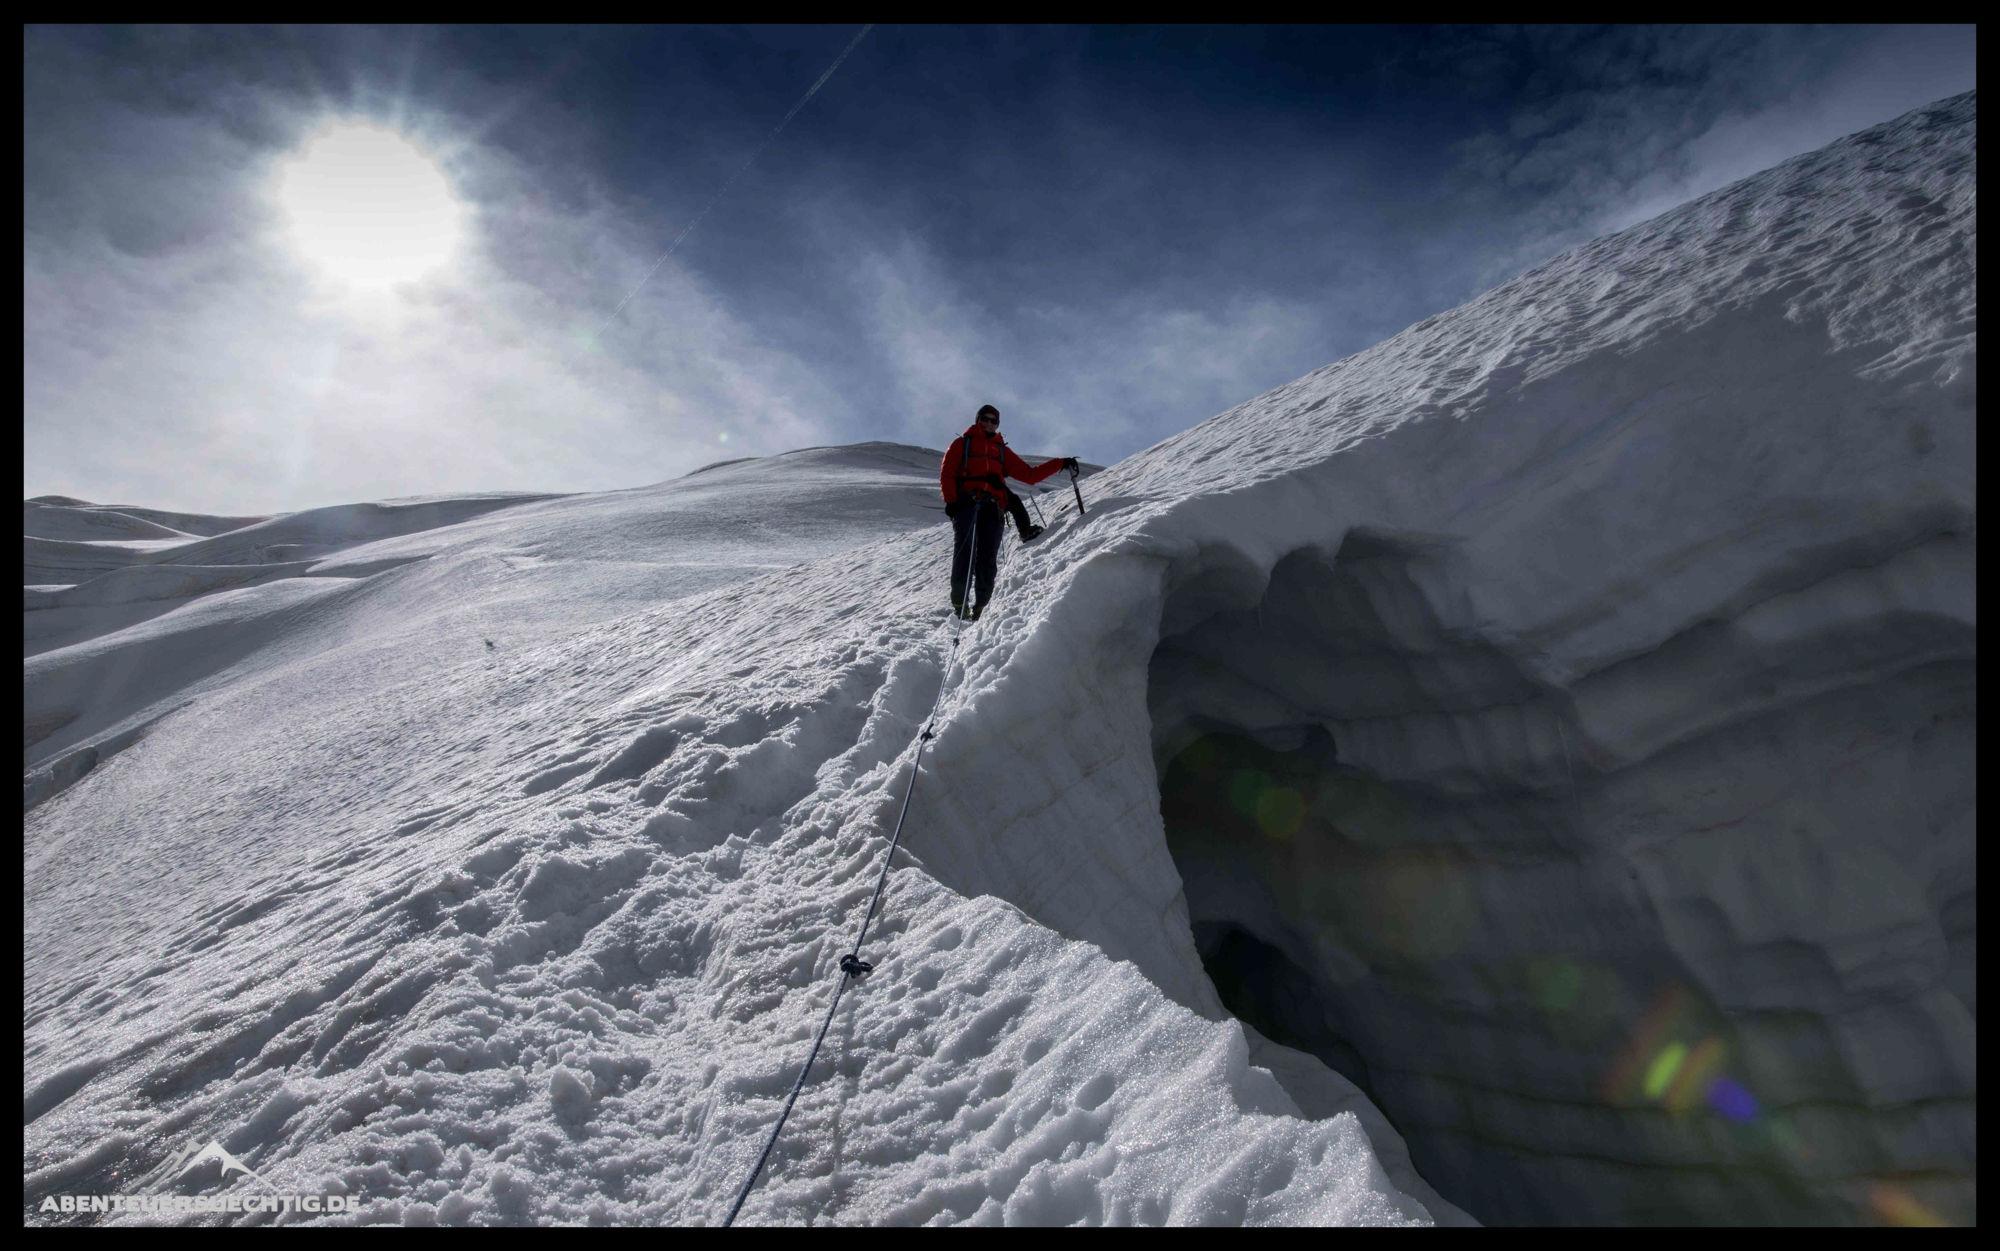 Klettergurt Aus Seil Machen : Klettergurte Übergabe von einem seil für einen hochseilgarten